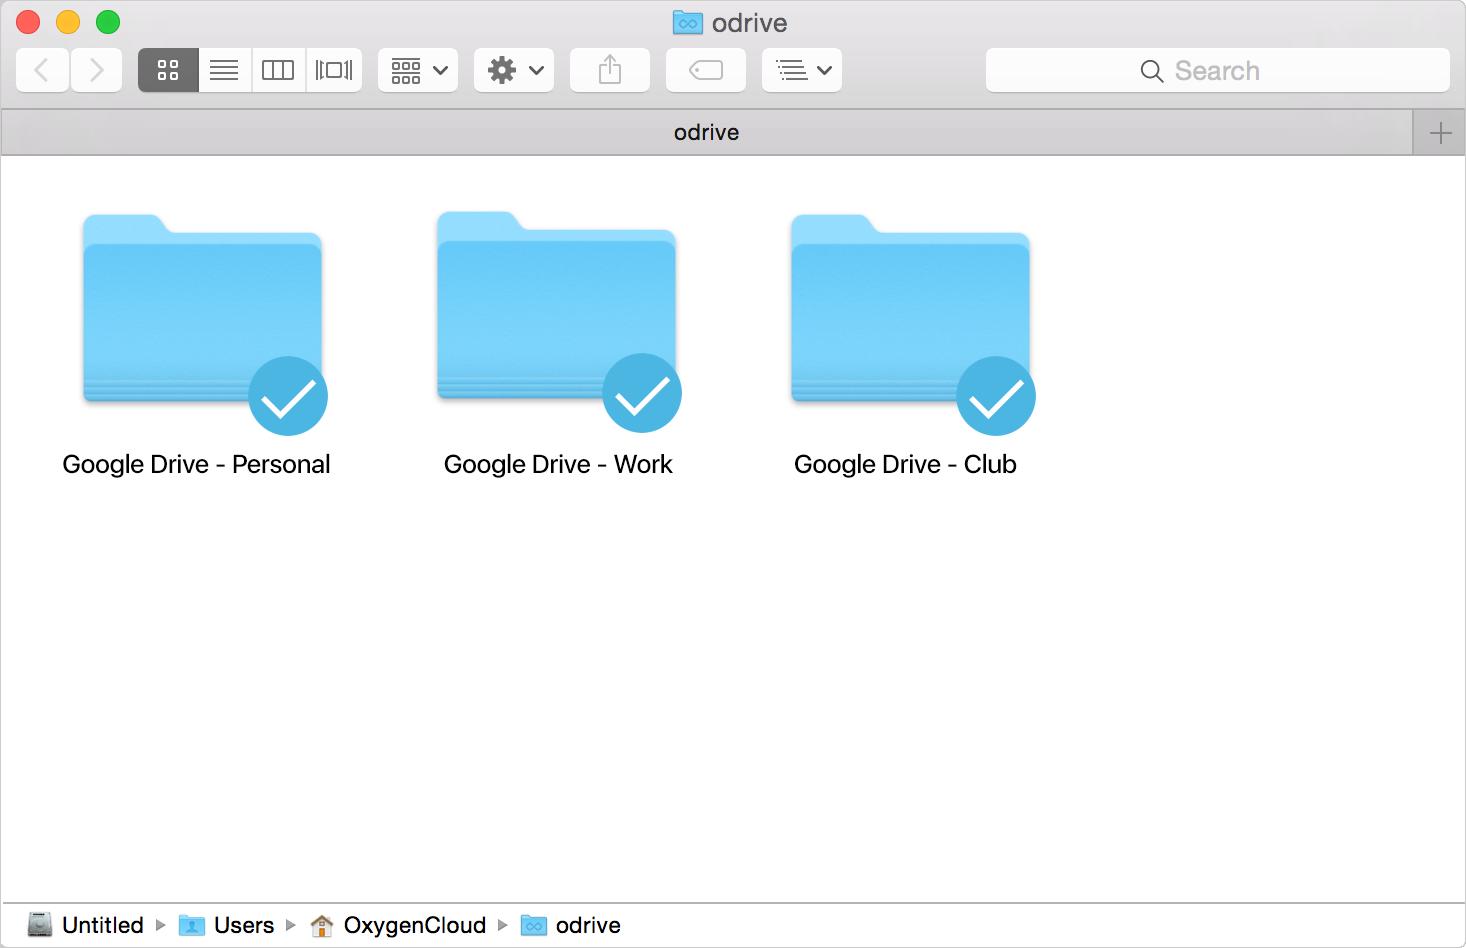 odrive-googledrive